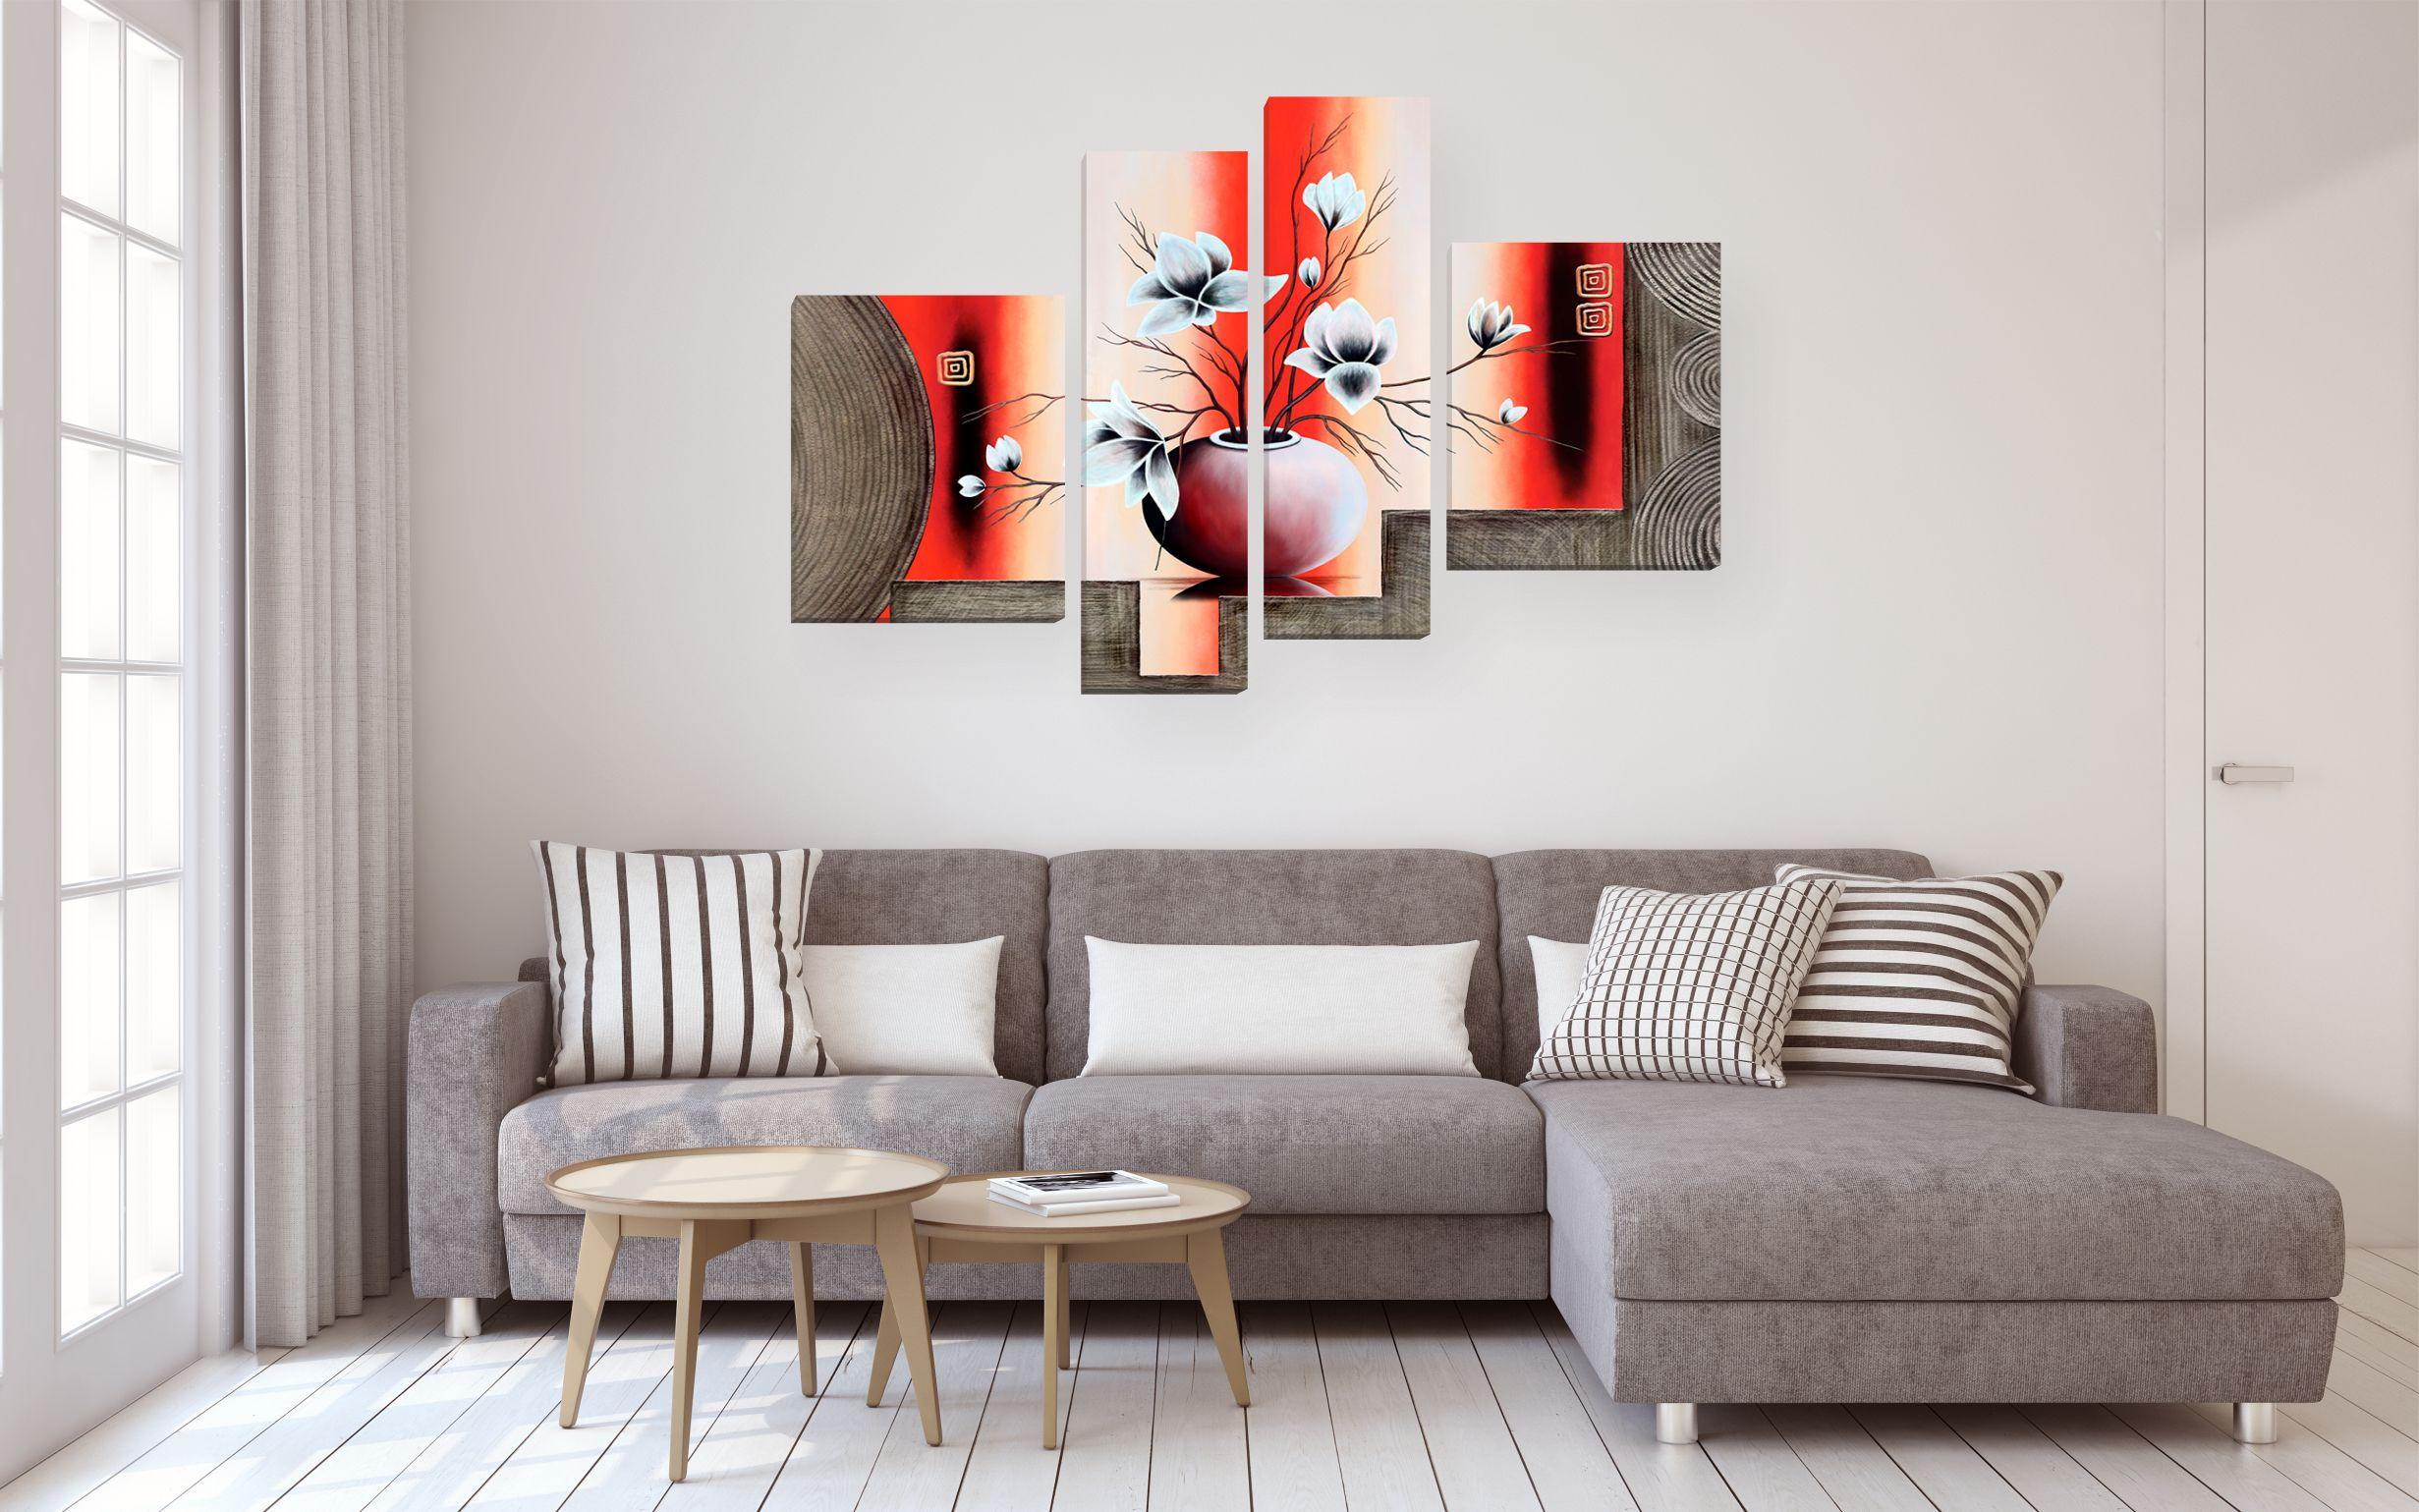 modulnaja kartina abstrakcija belye cvety v vaze foto v interere gostinoj nad divanom - Как улучшить интерьер квартиры